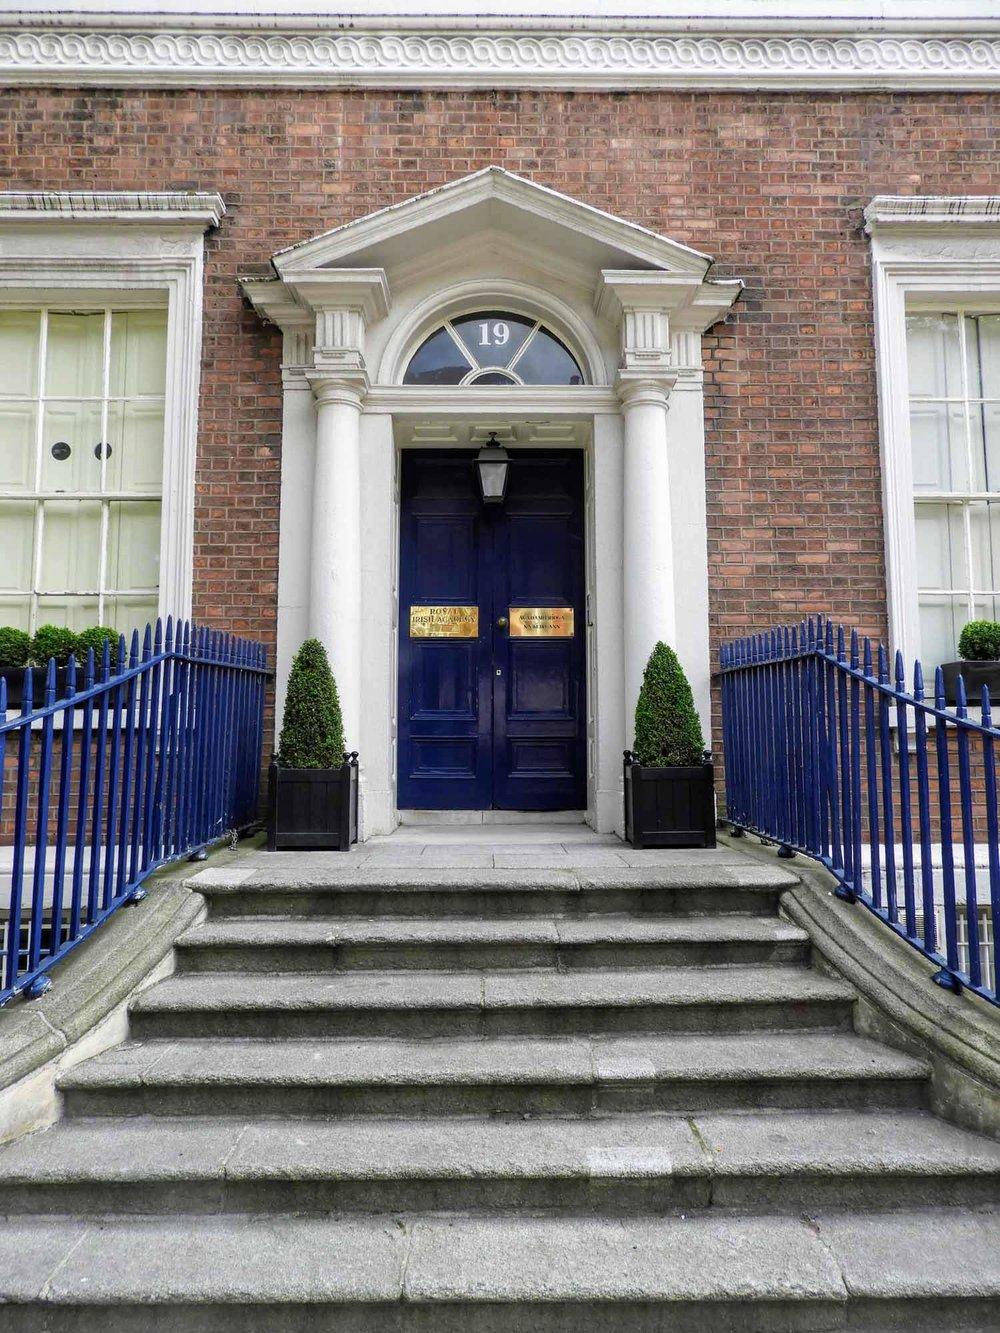 ireland-dublin-blue-door-steps-red-brick.jpg